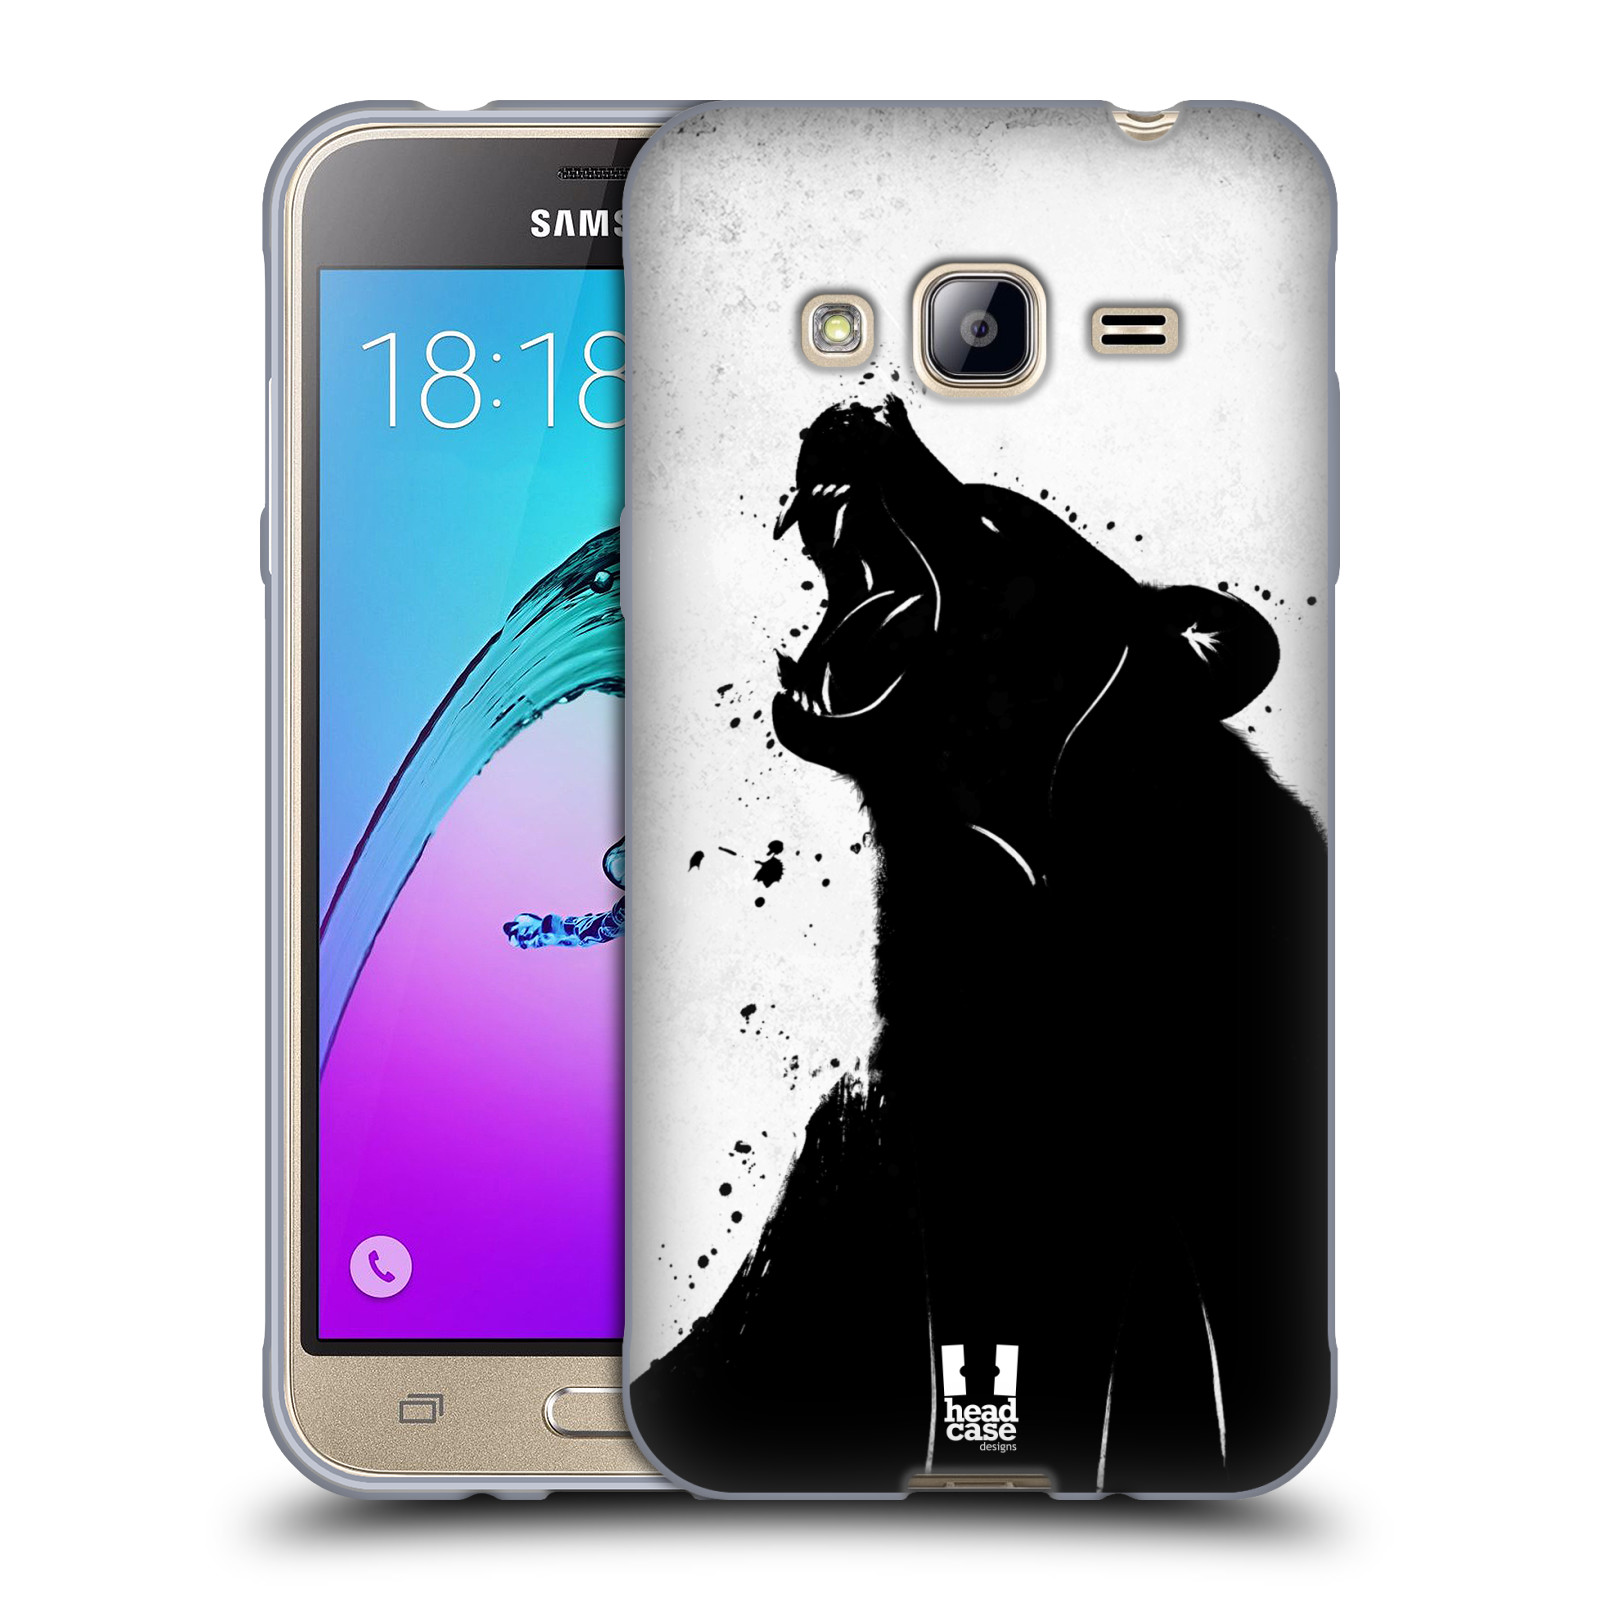 HEAD CASE silikonový obal na mobil Samsung Galaxy J3, J3 2016 vzor Kresba tuš zvíře medvěd